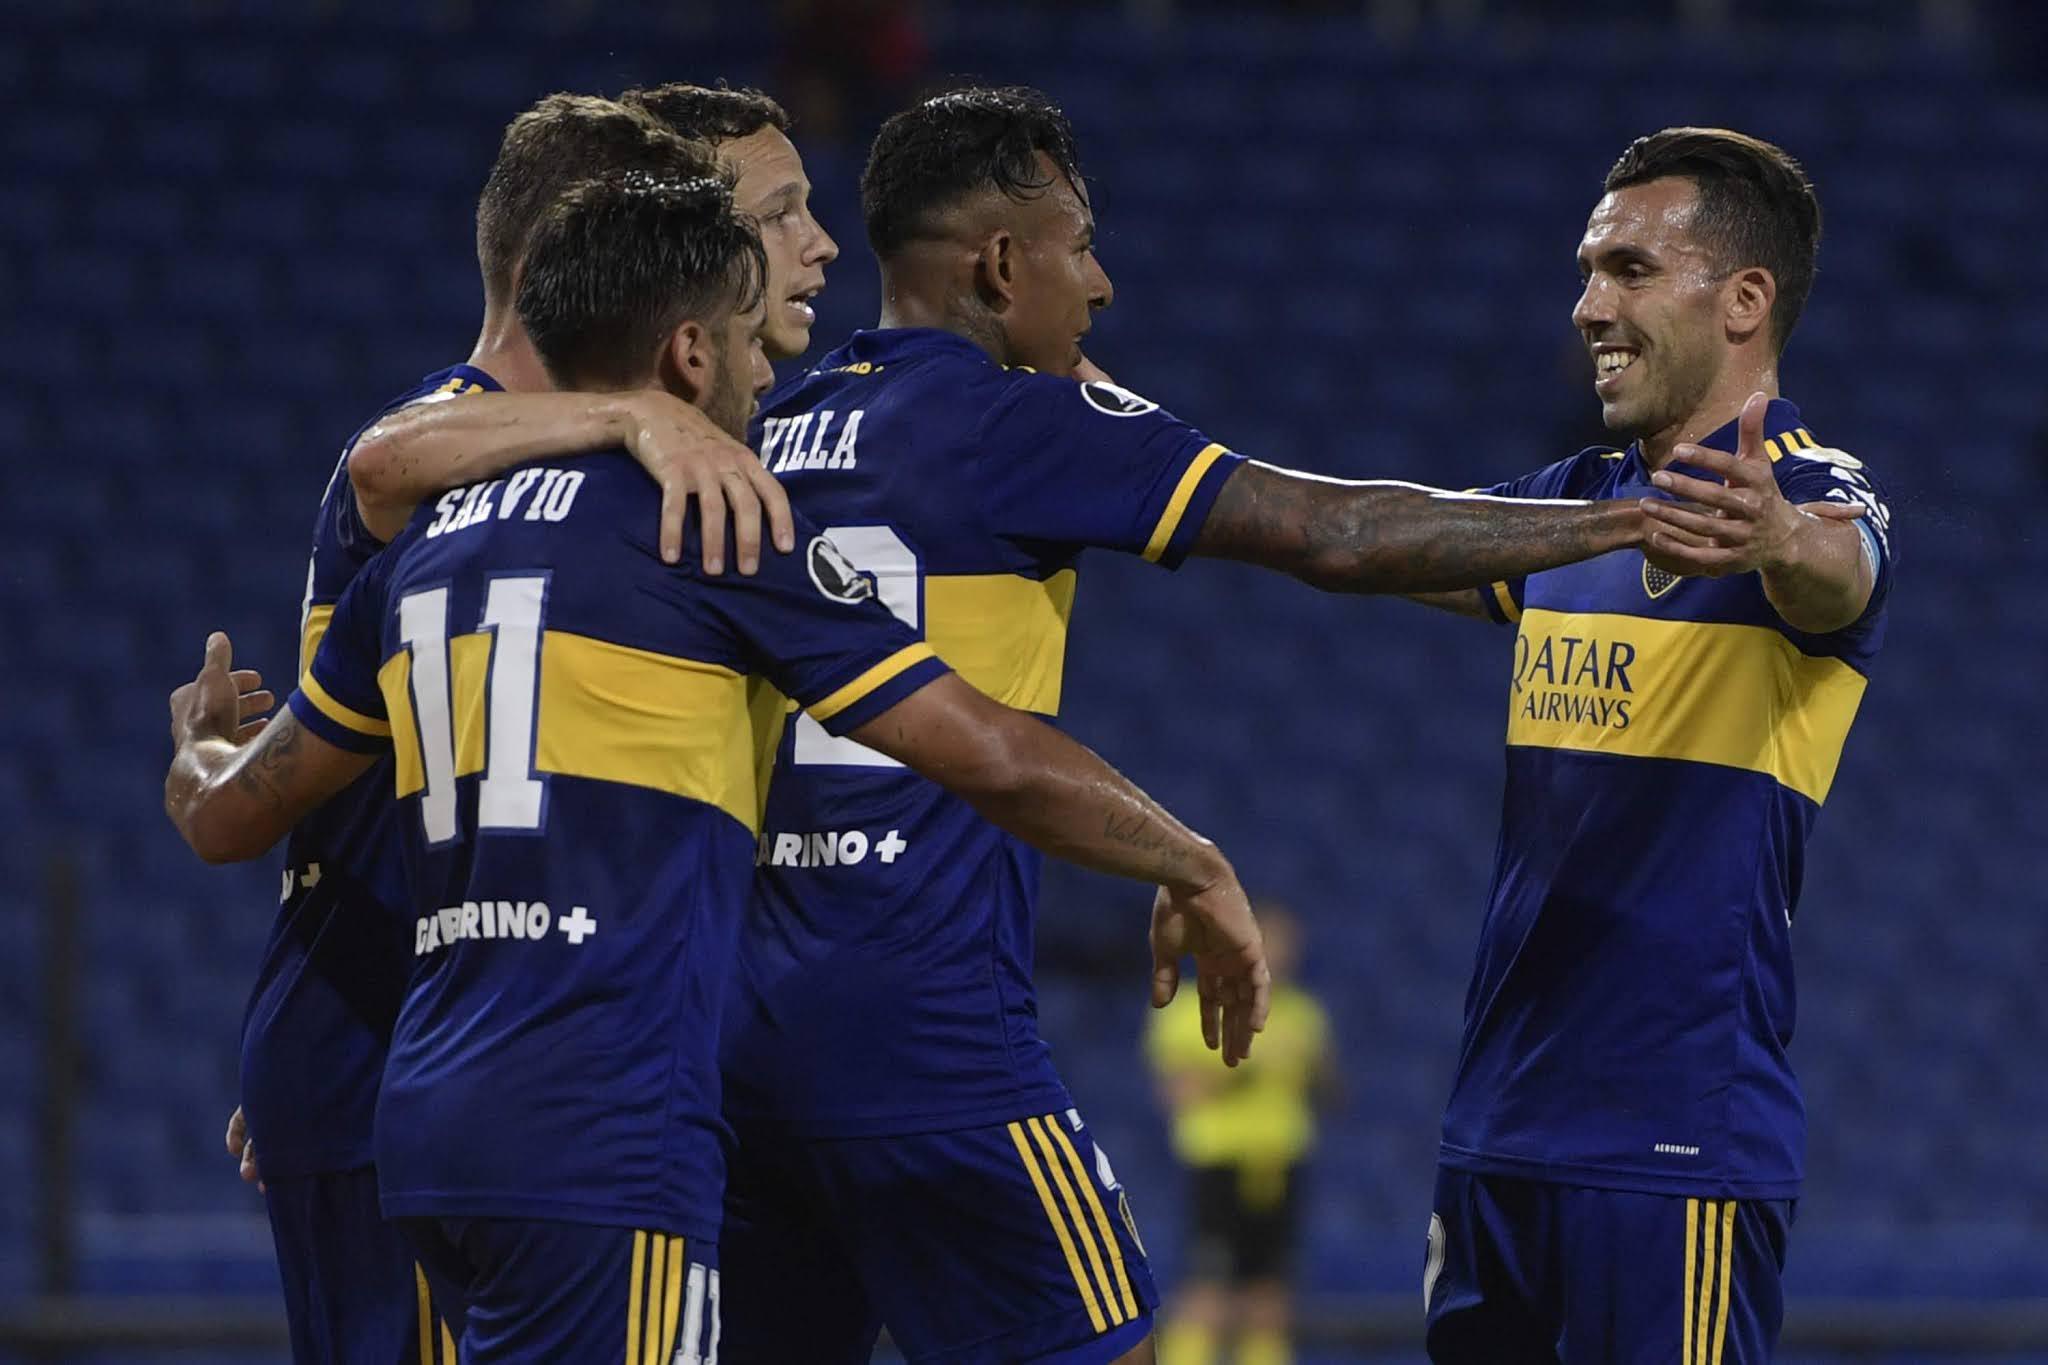 Boca es semifinalista de la Libertadores tras darle vuelta la serie a Racing